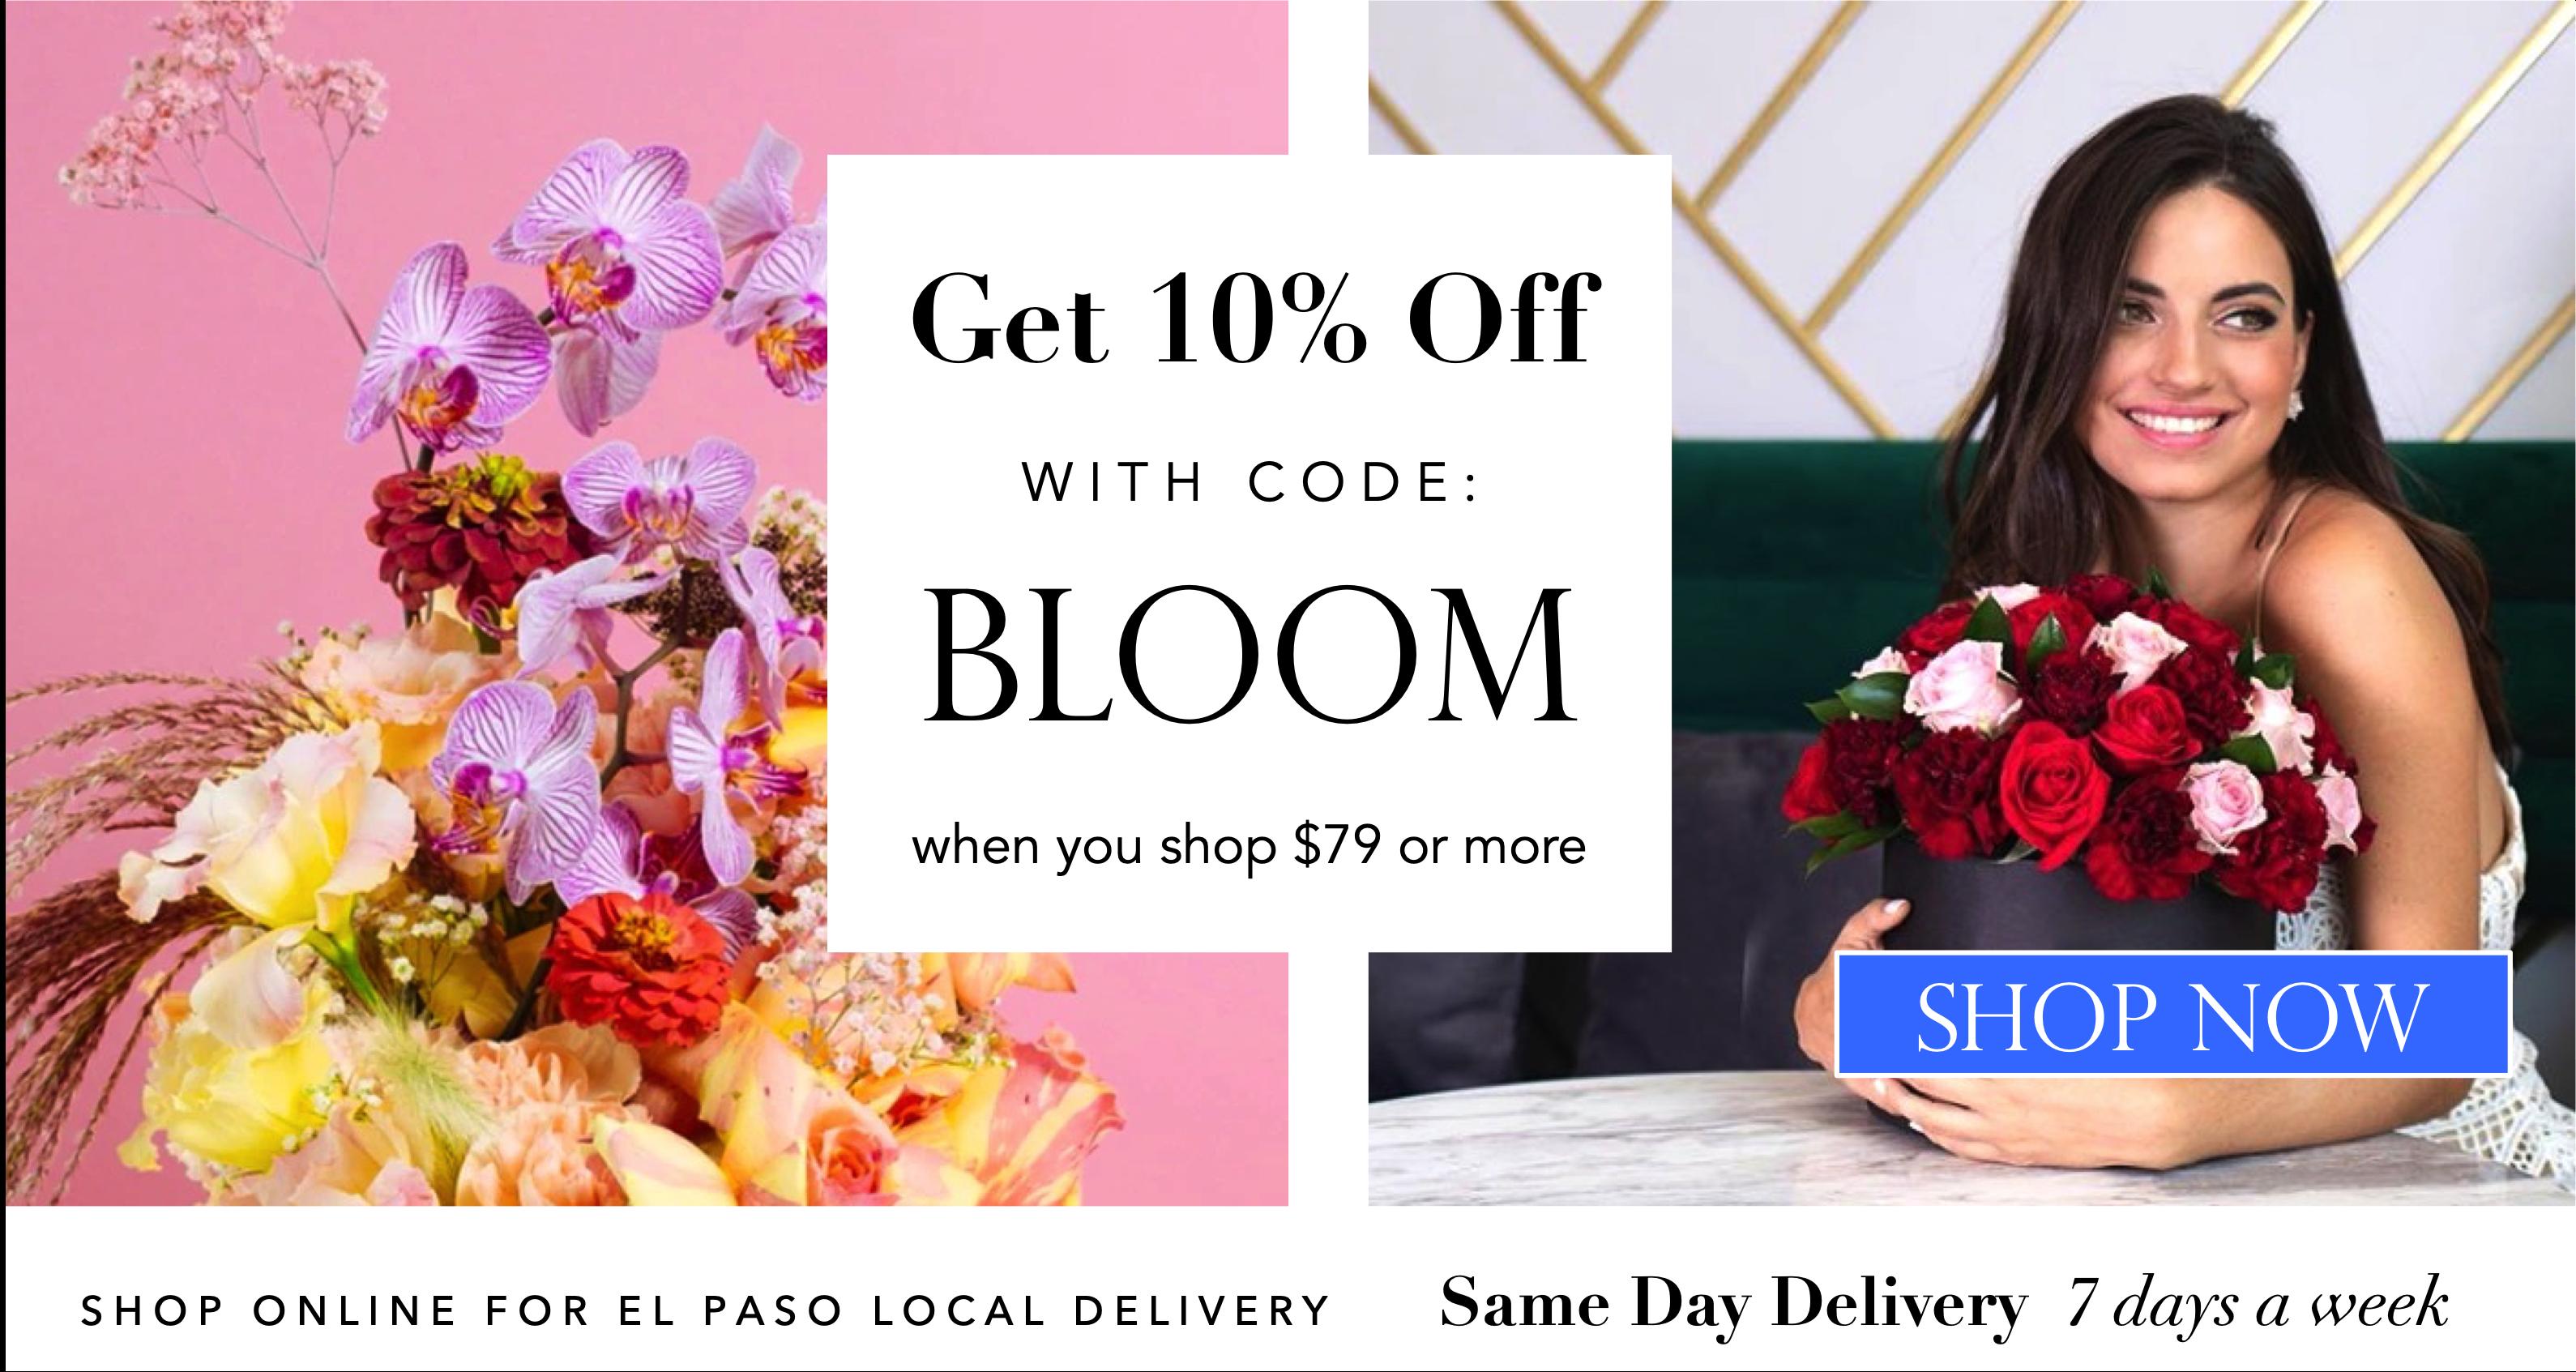 el-paso-floral-design-flowers-texas-online-ep-florist-79912-rose-box-lilies-orchidss-birthday-flowers-floral-arrangements-79912-arrangement-luxury-79912-angies-flowers-el-paso-florist-angies-flower-angies-floral.png